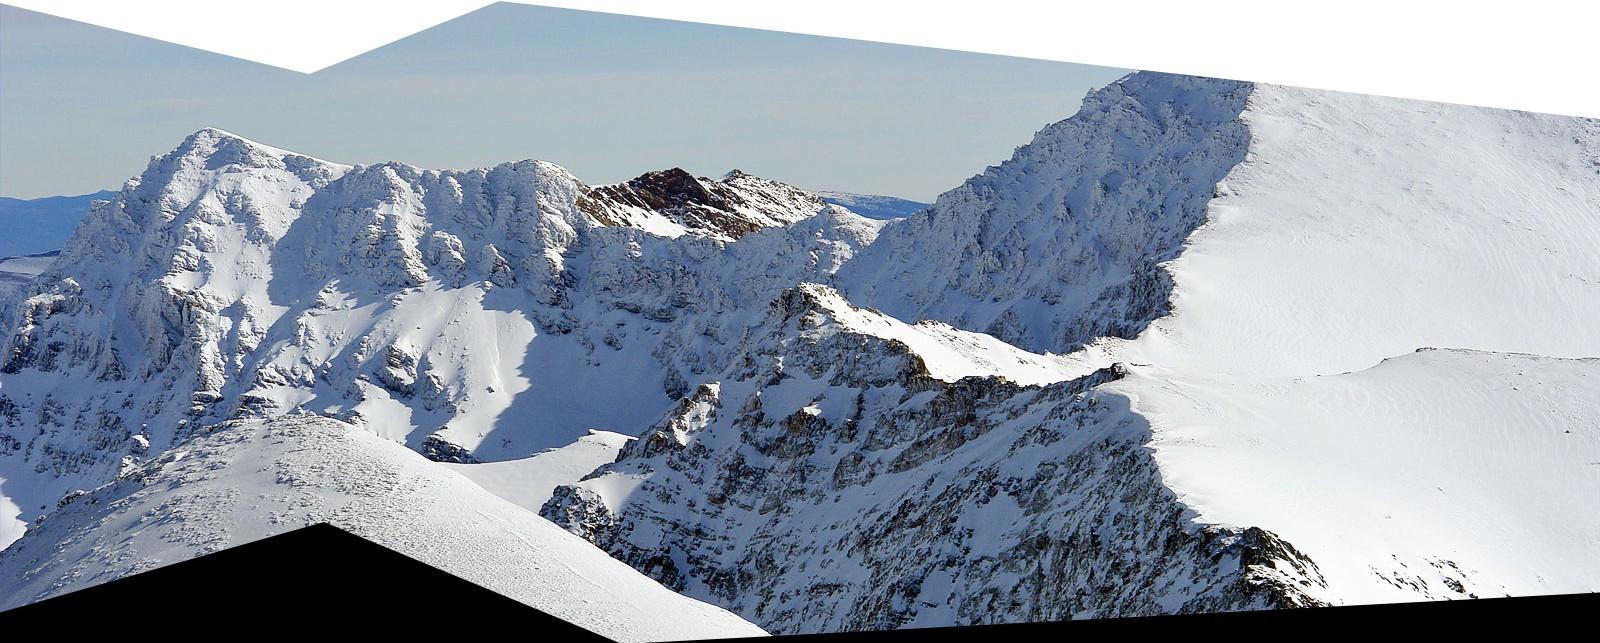 Nortes de la Alcazaba, Mulhacen y Juego de Bolos en Sierra Nevada invernal